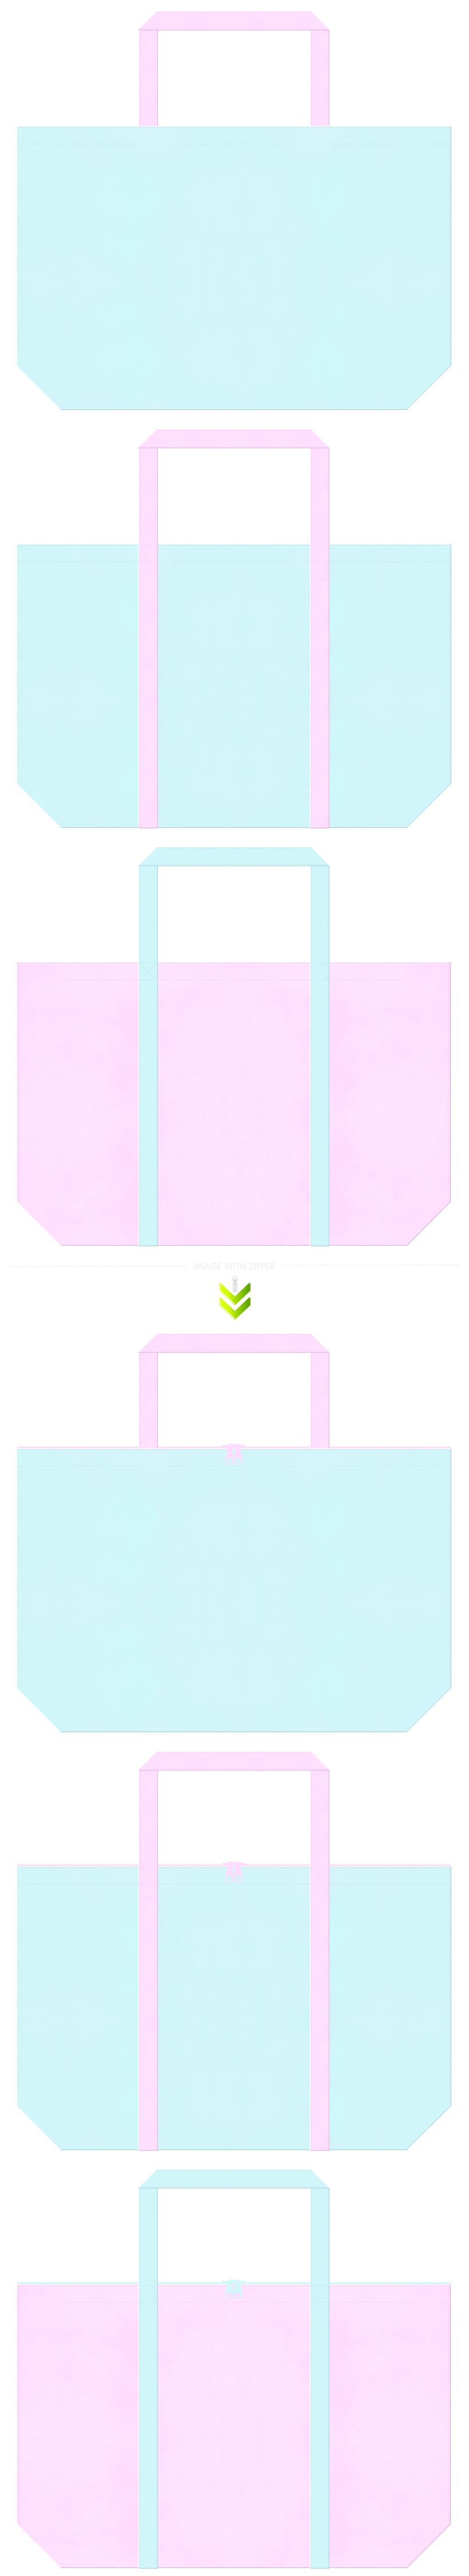 桜・お花見・マーメイド・プリンセス・ドリーム・美容・コスメ・石鹸・洗剤・入浴剤・バス用品・ガーリーデザイン・パステルカラーのショッピングバッグにお奨め:水色と明るいピンク色のコーデ